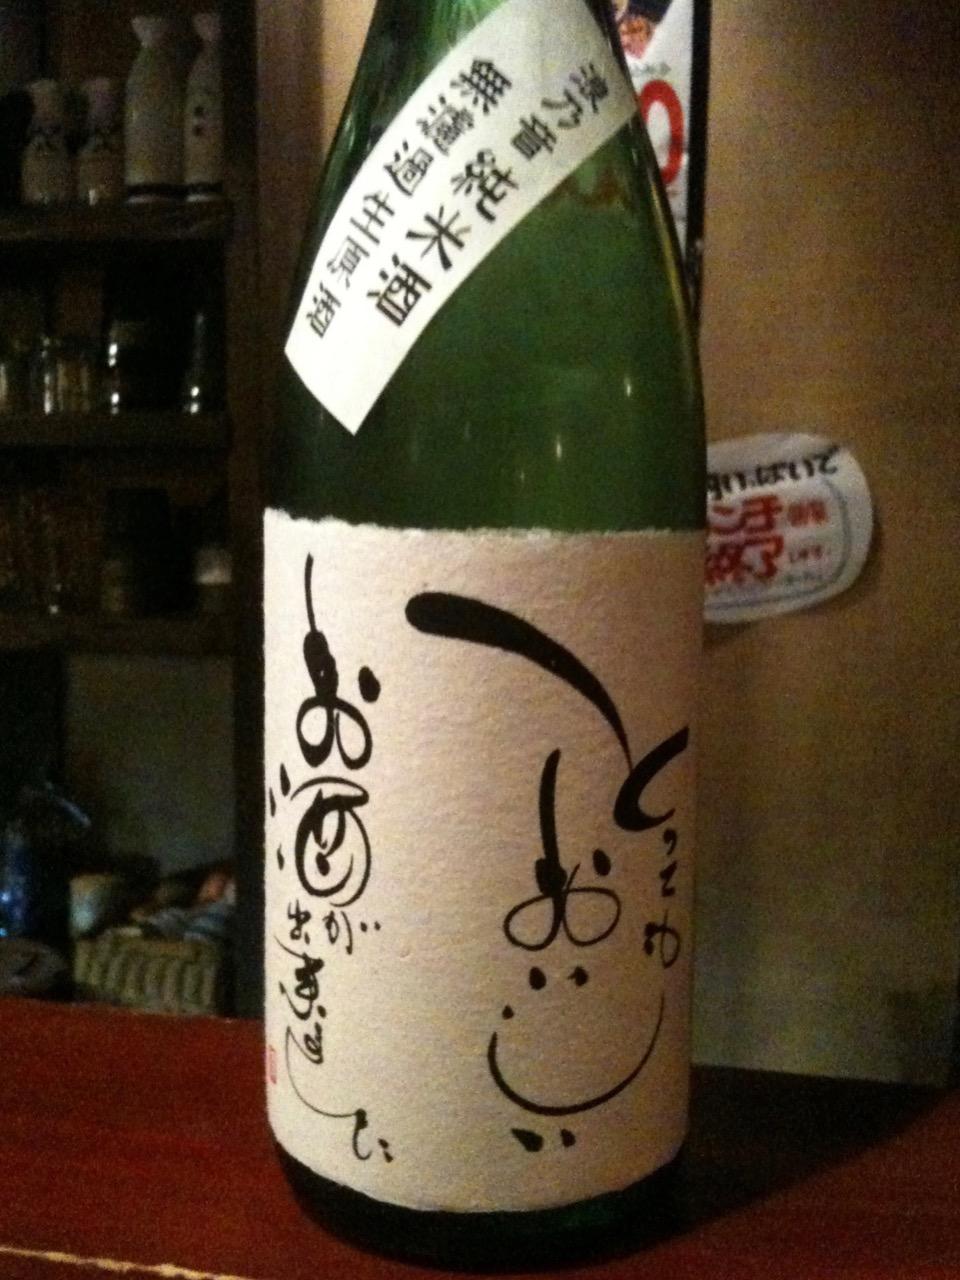 浪乃音 2011年 純米酒 無濾過生原酒|日本酒テイスティングノート